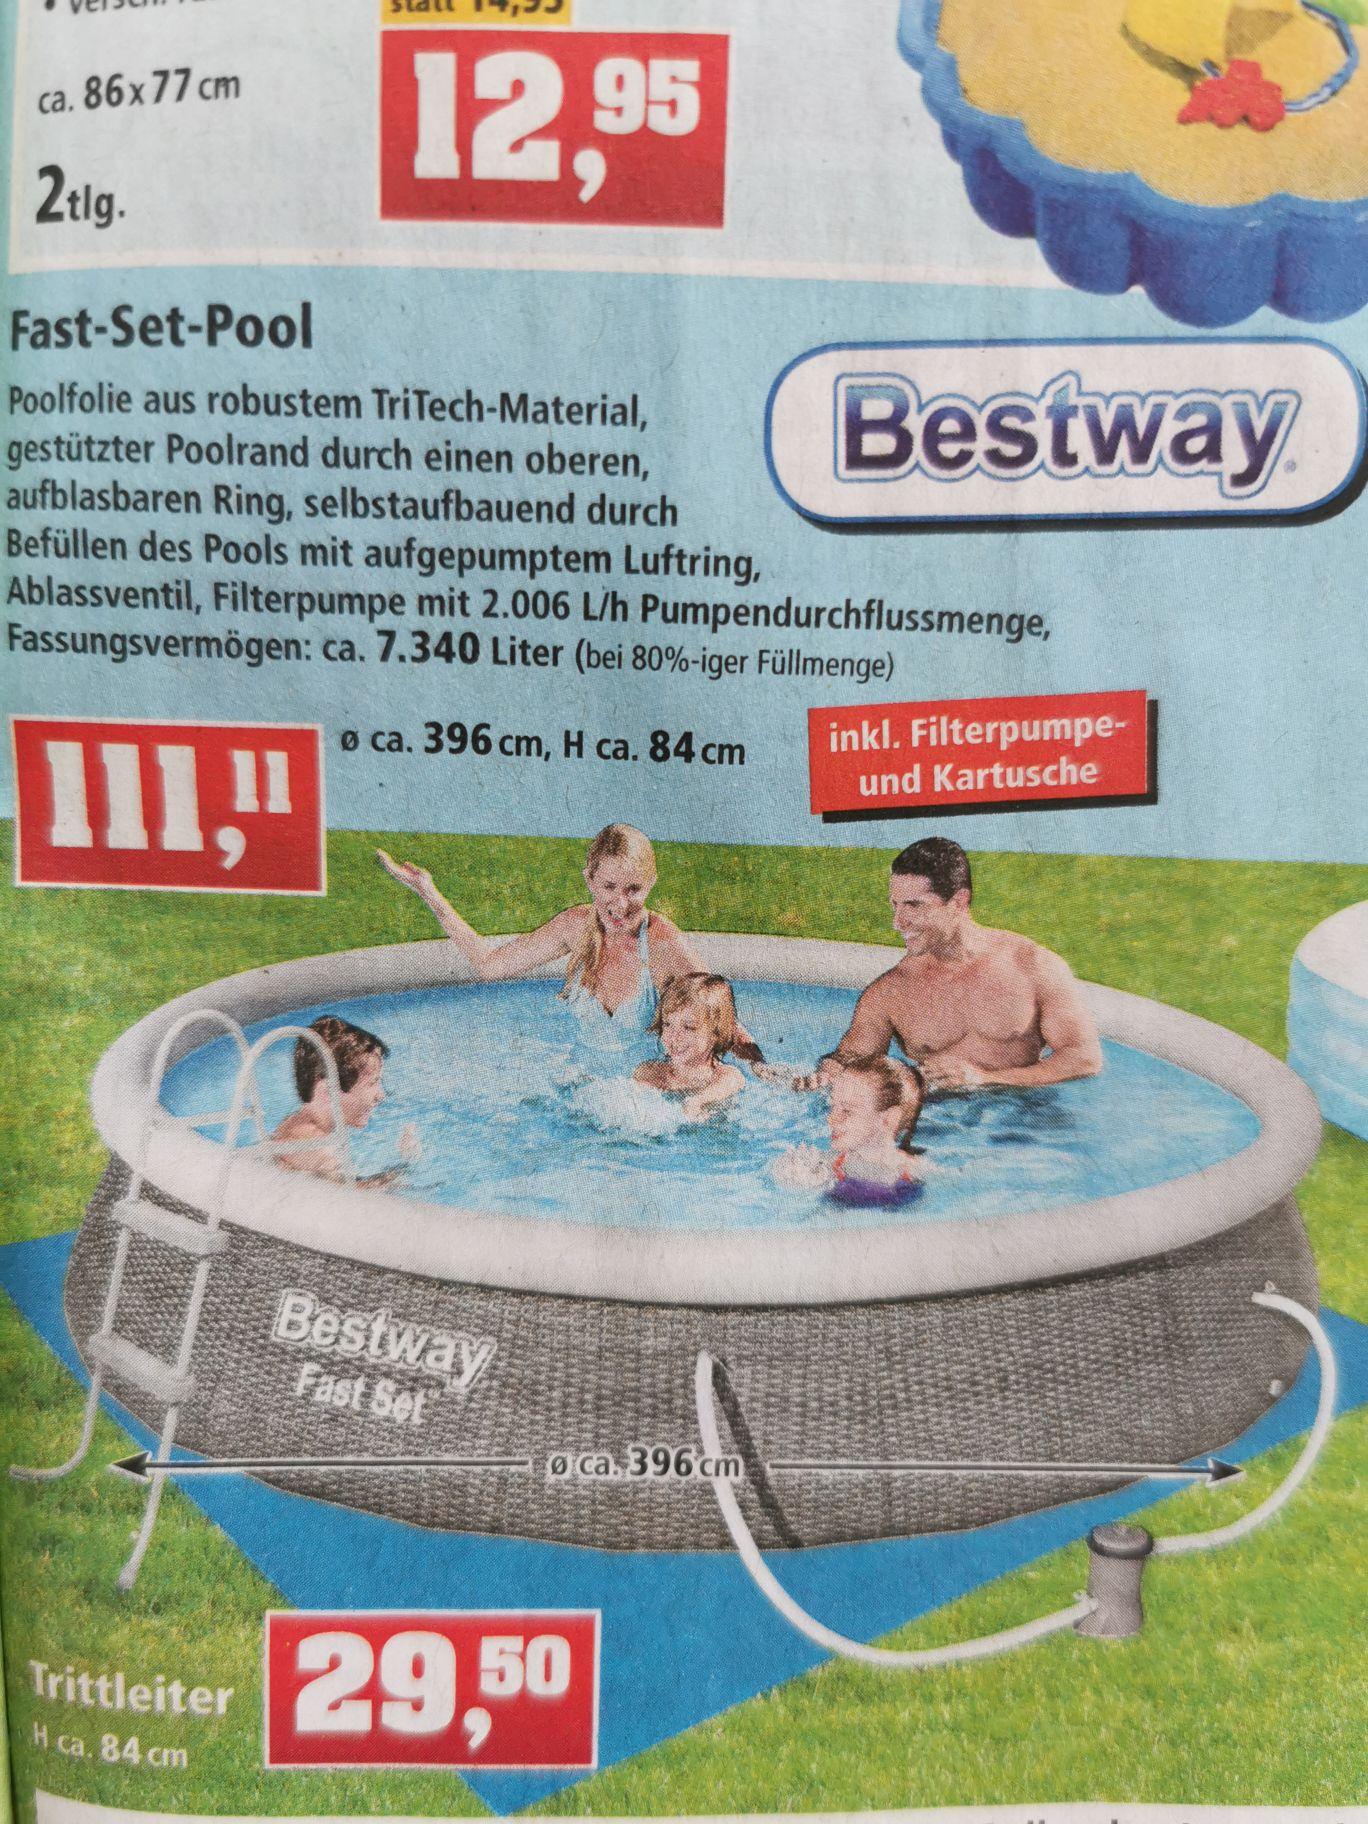 Bestway Fast-Set-Pool 396x84cm